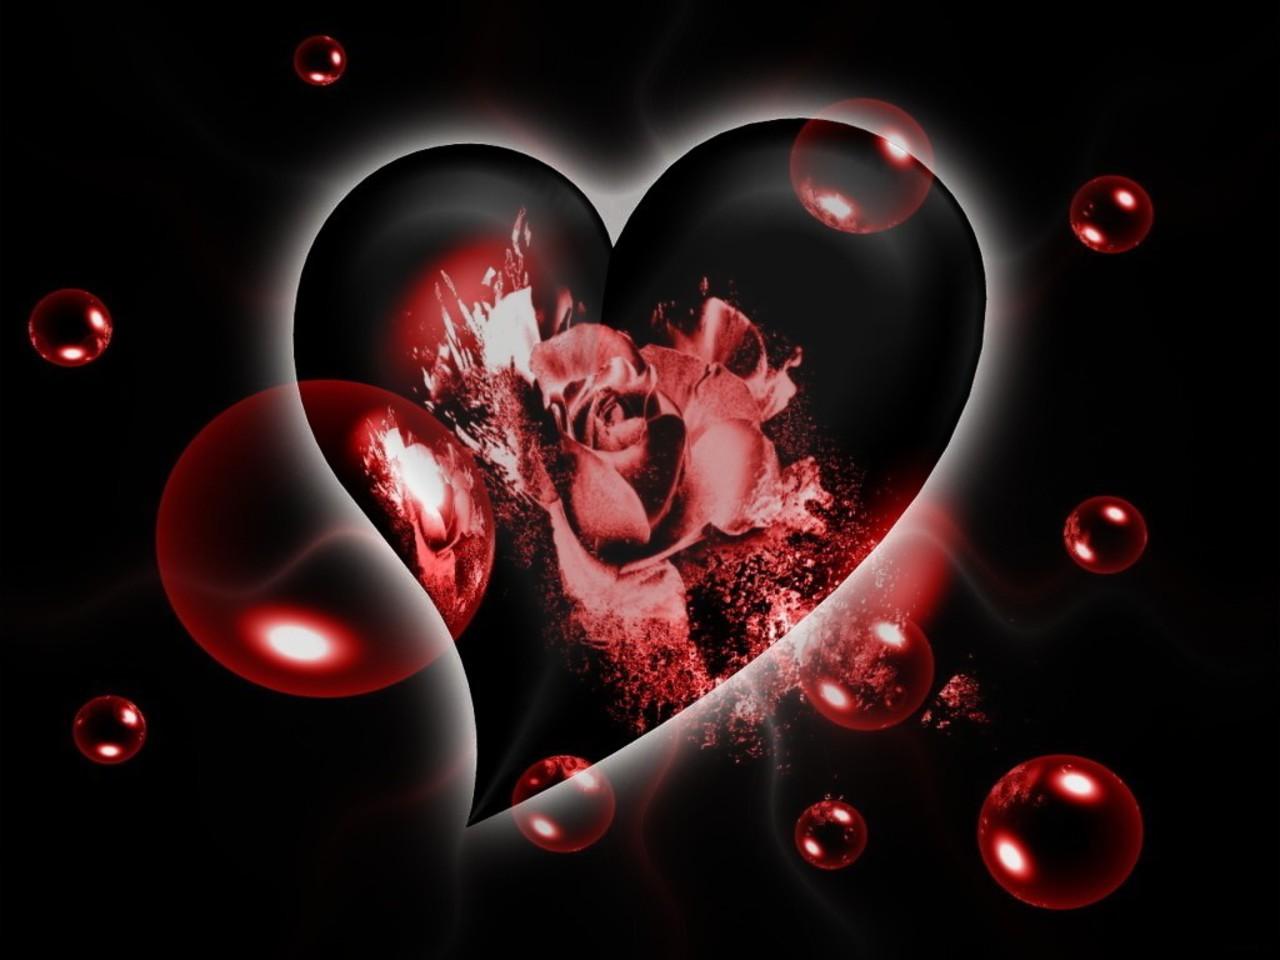 http://3.bp.blogspot.com/_nyZ0ePg7hi0/TUyQpl3NfqI/AAAAAAAAAcc/9Hn0qHV9eKU/s1600/176516-1280x960-144430Herz.jpg